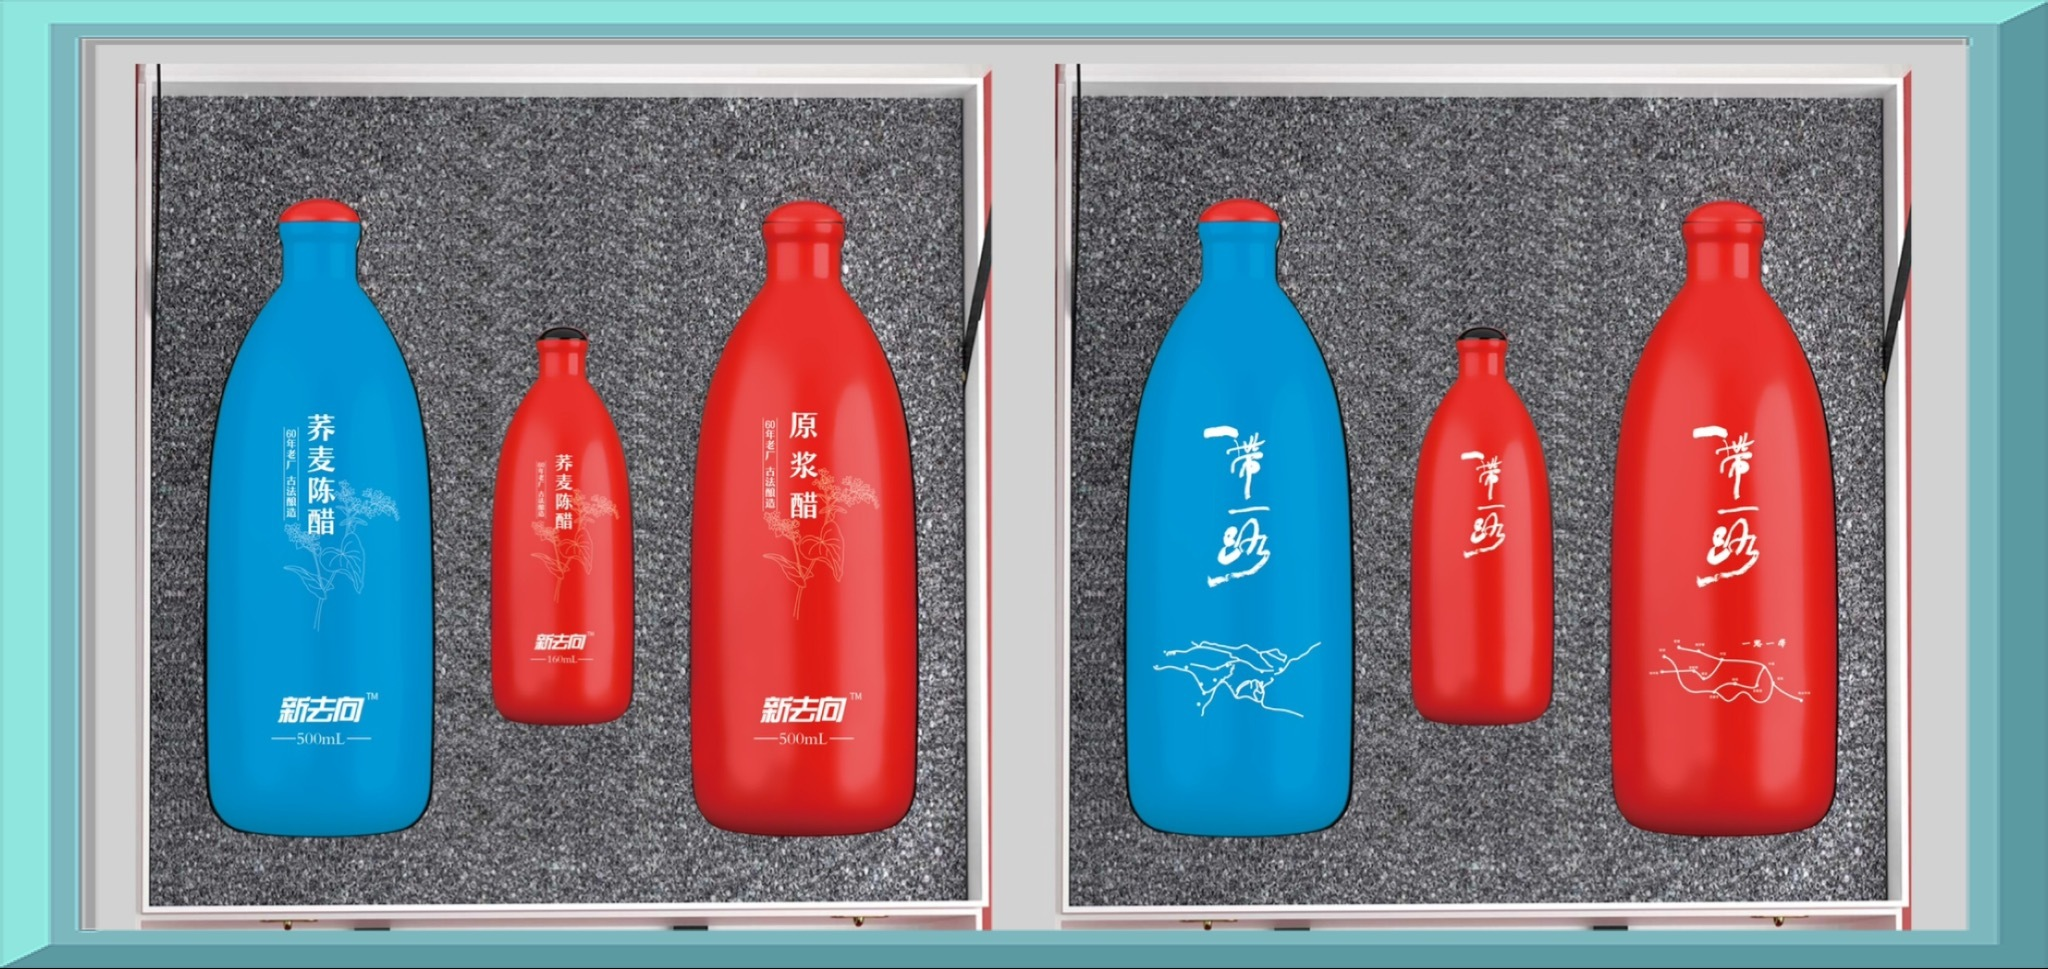 一群不同颜色的瓶子  中度可信度描述已自动生成